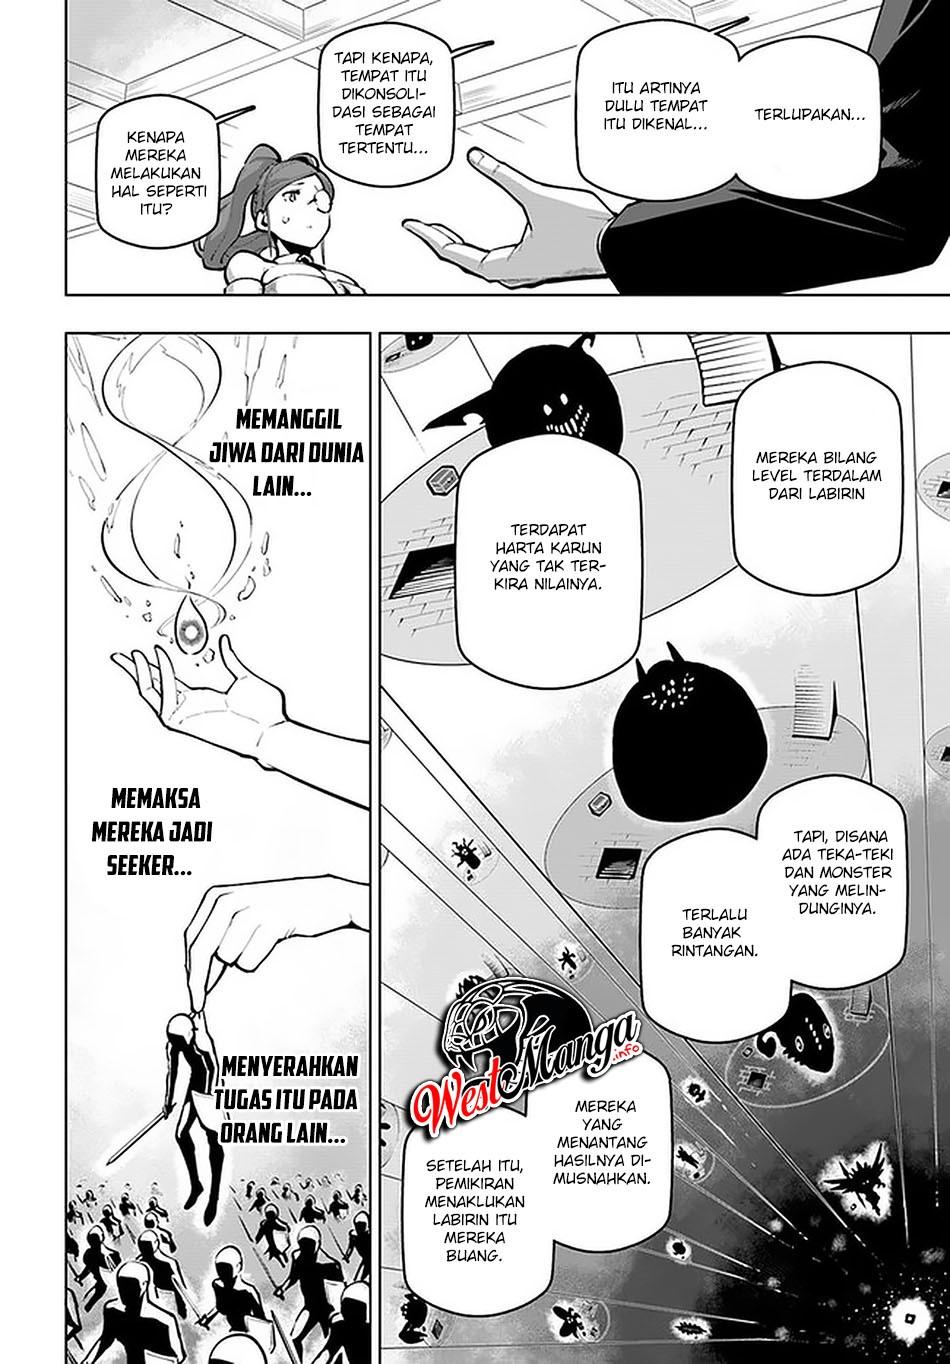 Sekai Saikyou no Kouei: Meikyuukoku no Shinjin Tansakusha: Chapter 18.2 - Page 8